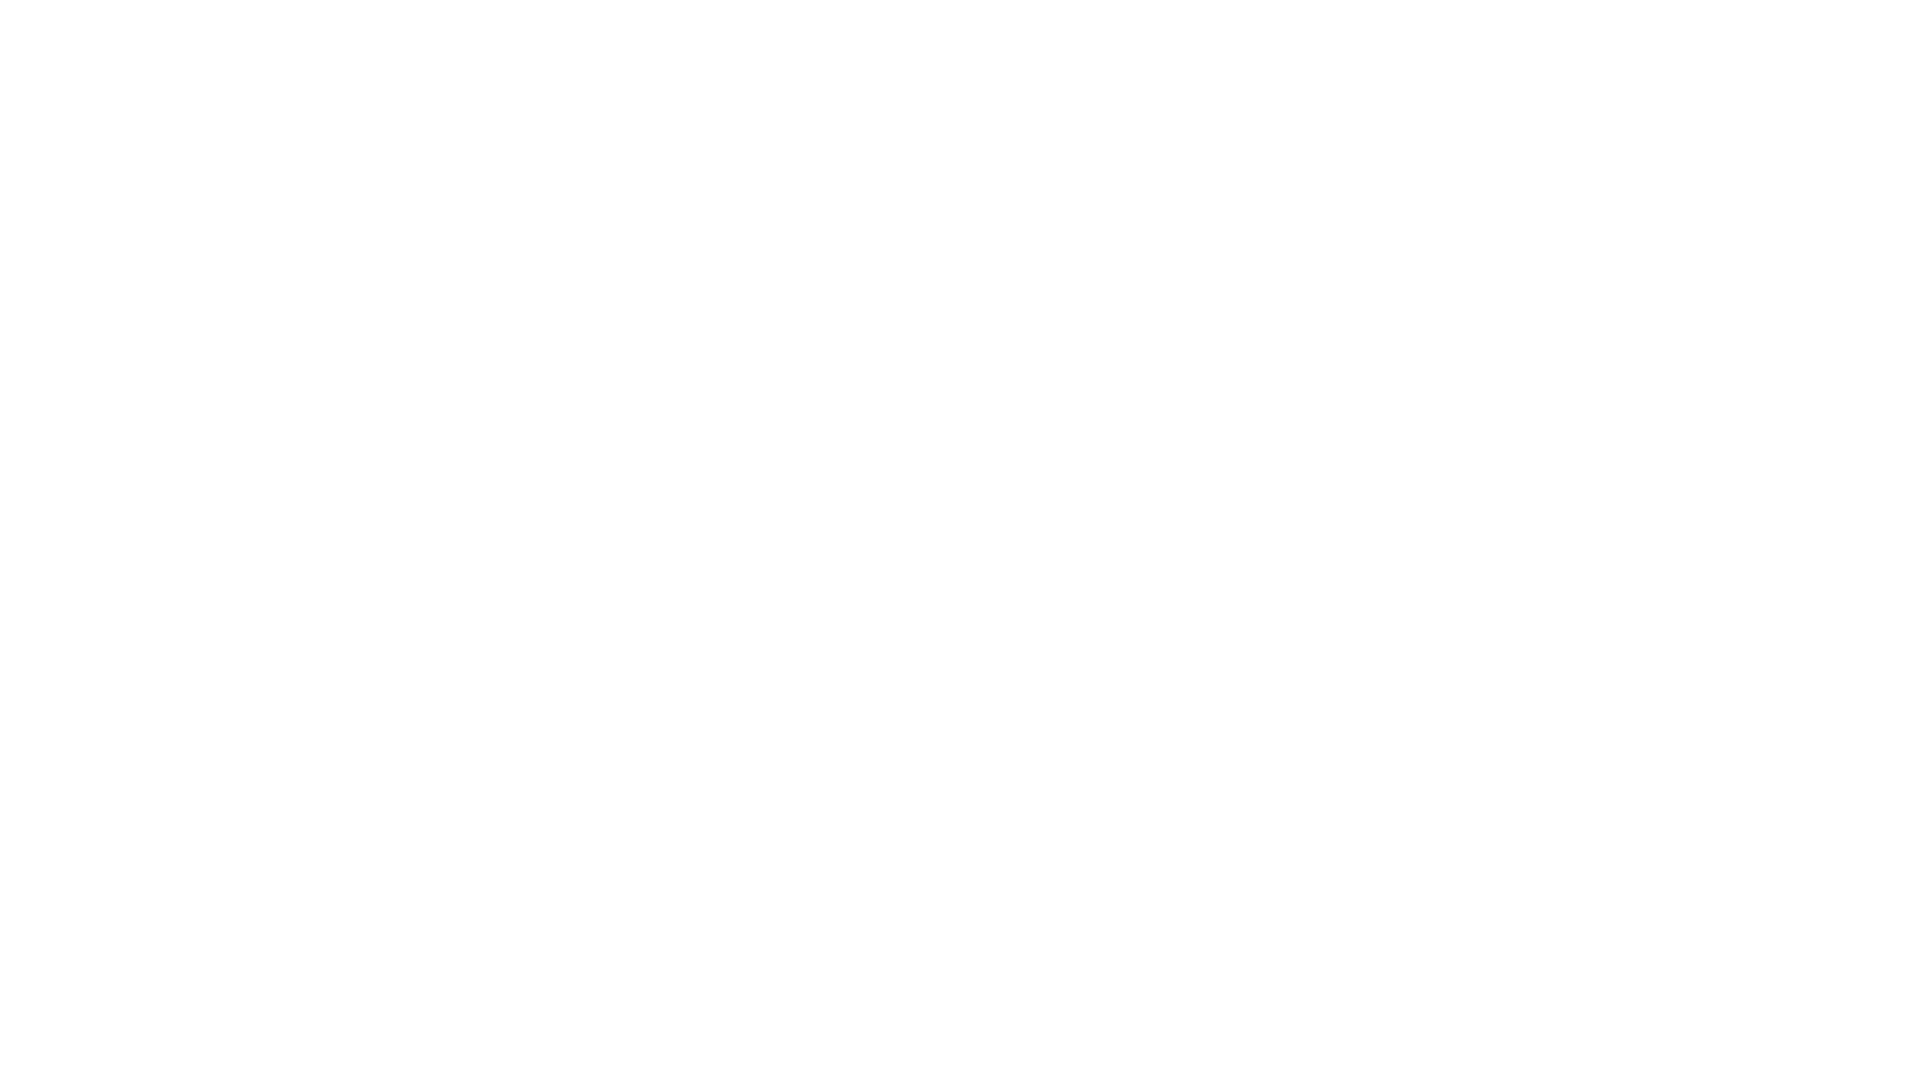 Redrock-04.png